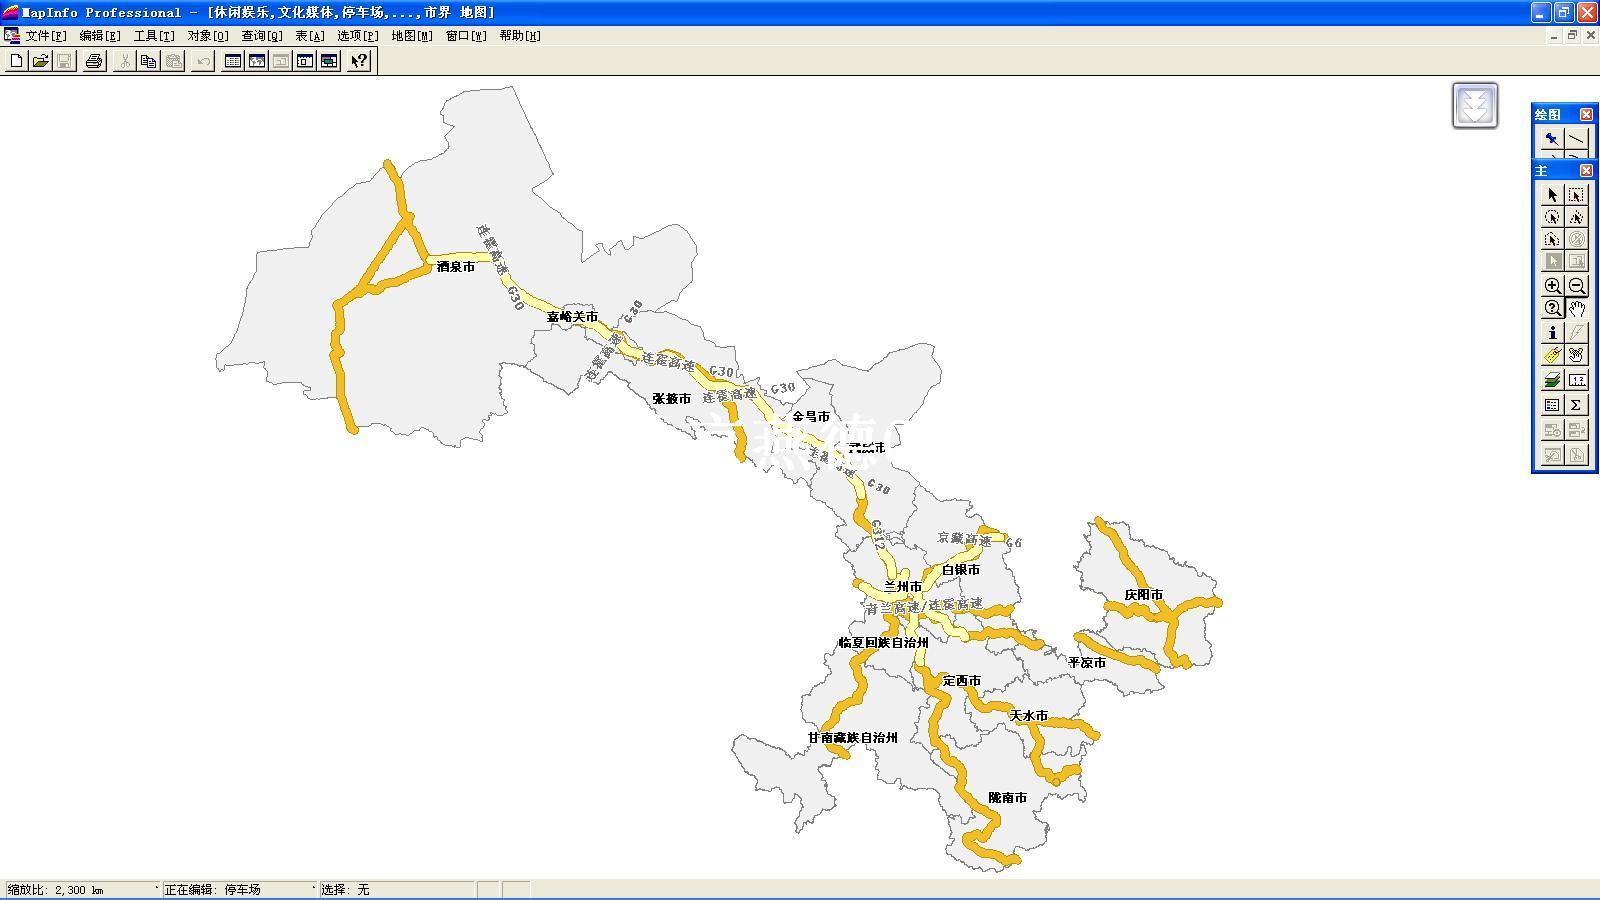 甘肃省经纬度地图